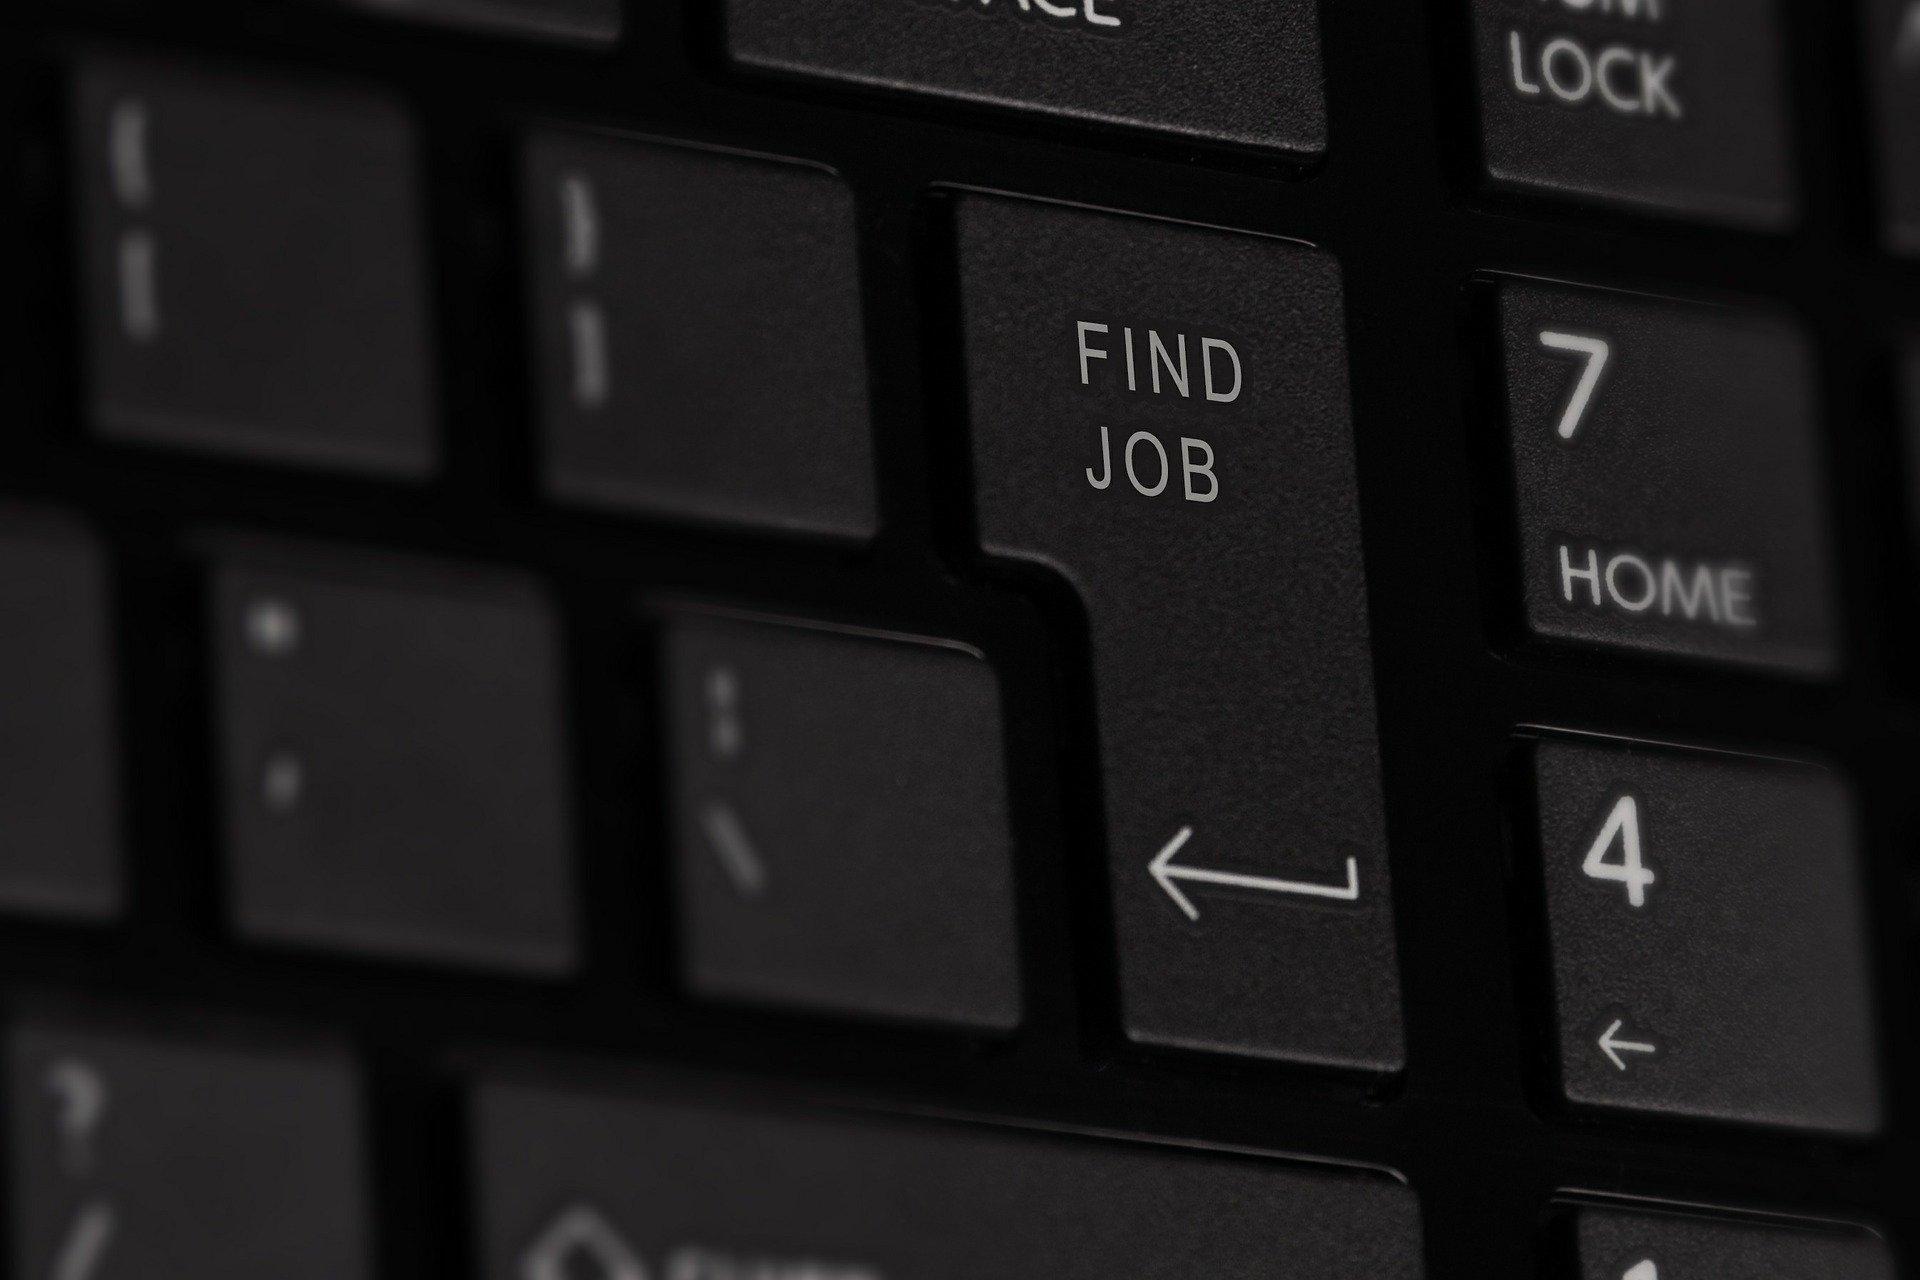 US STOCKS-Weak jobs data sets up market for lower open